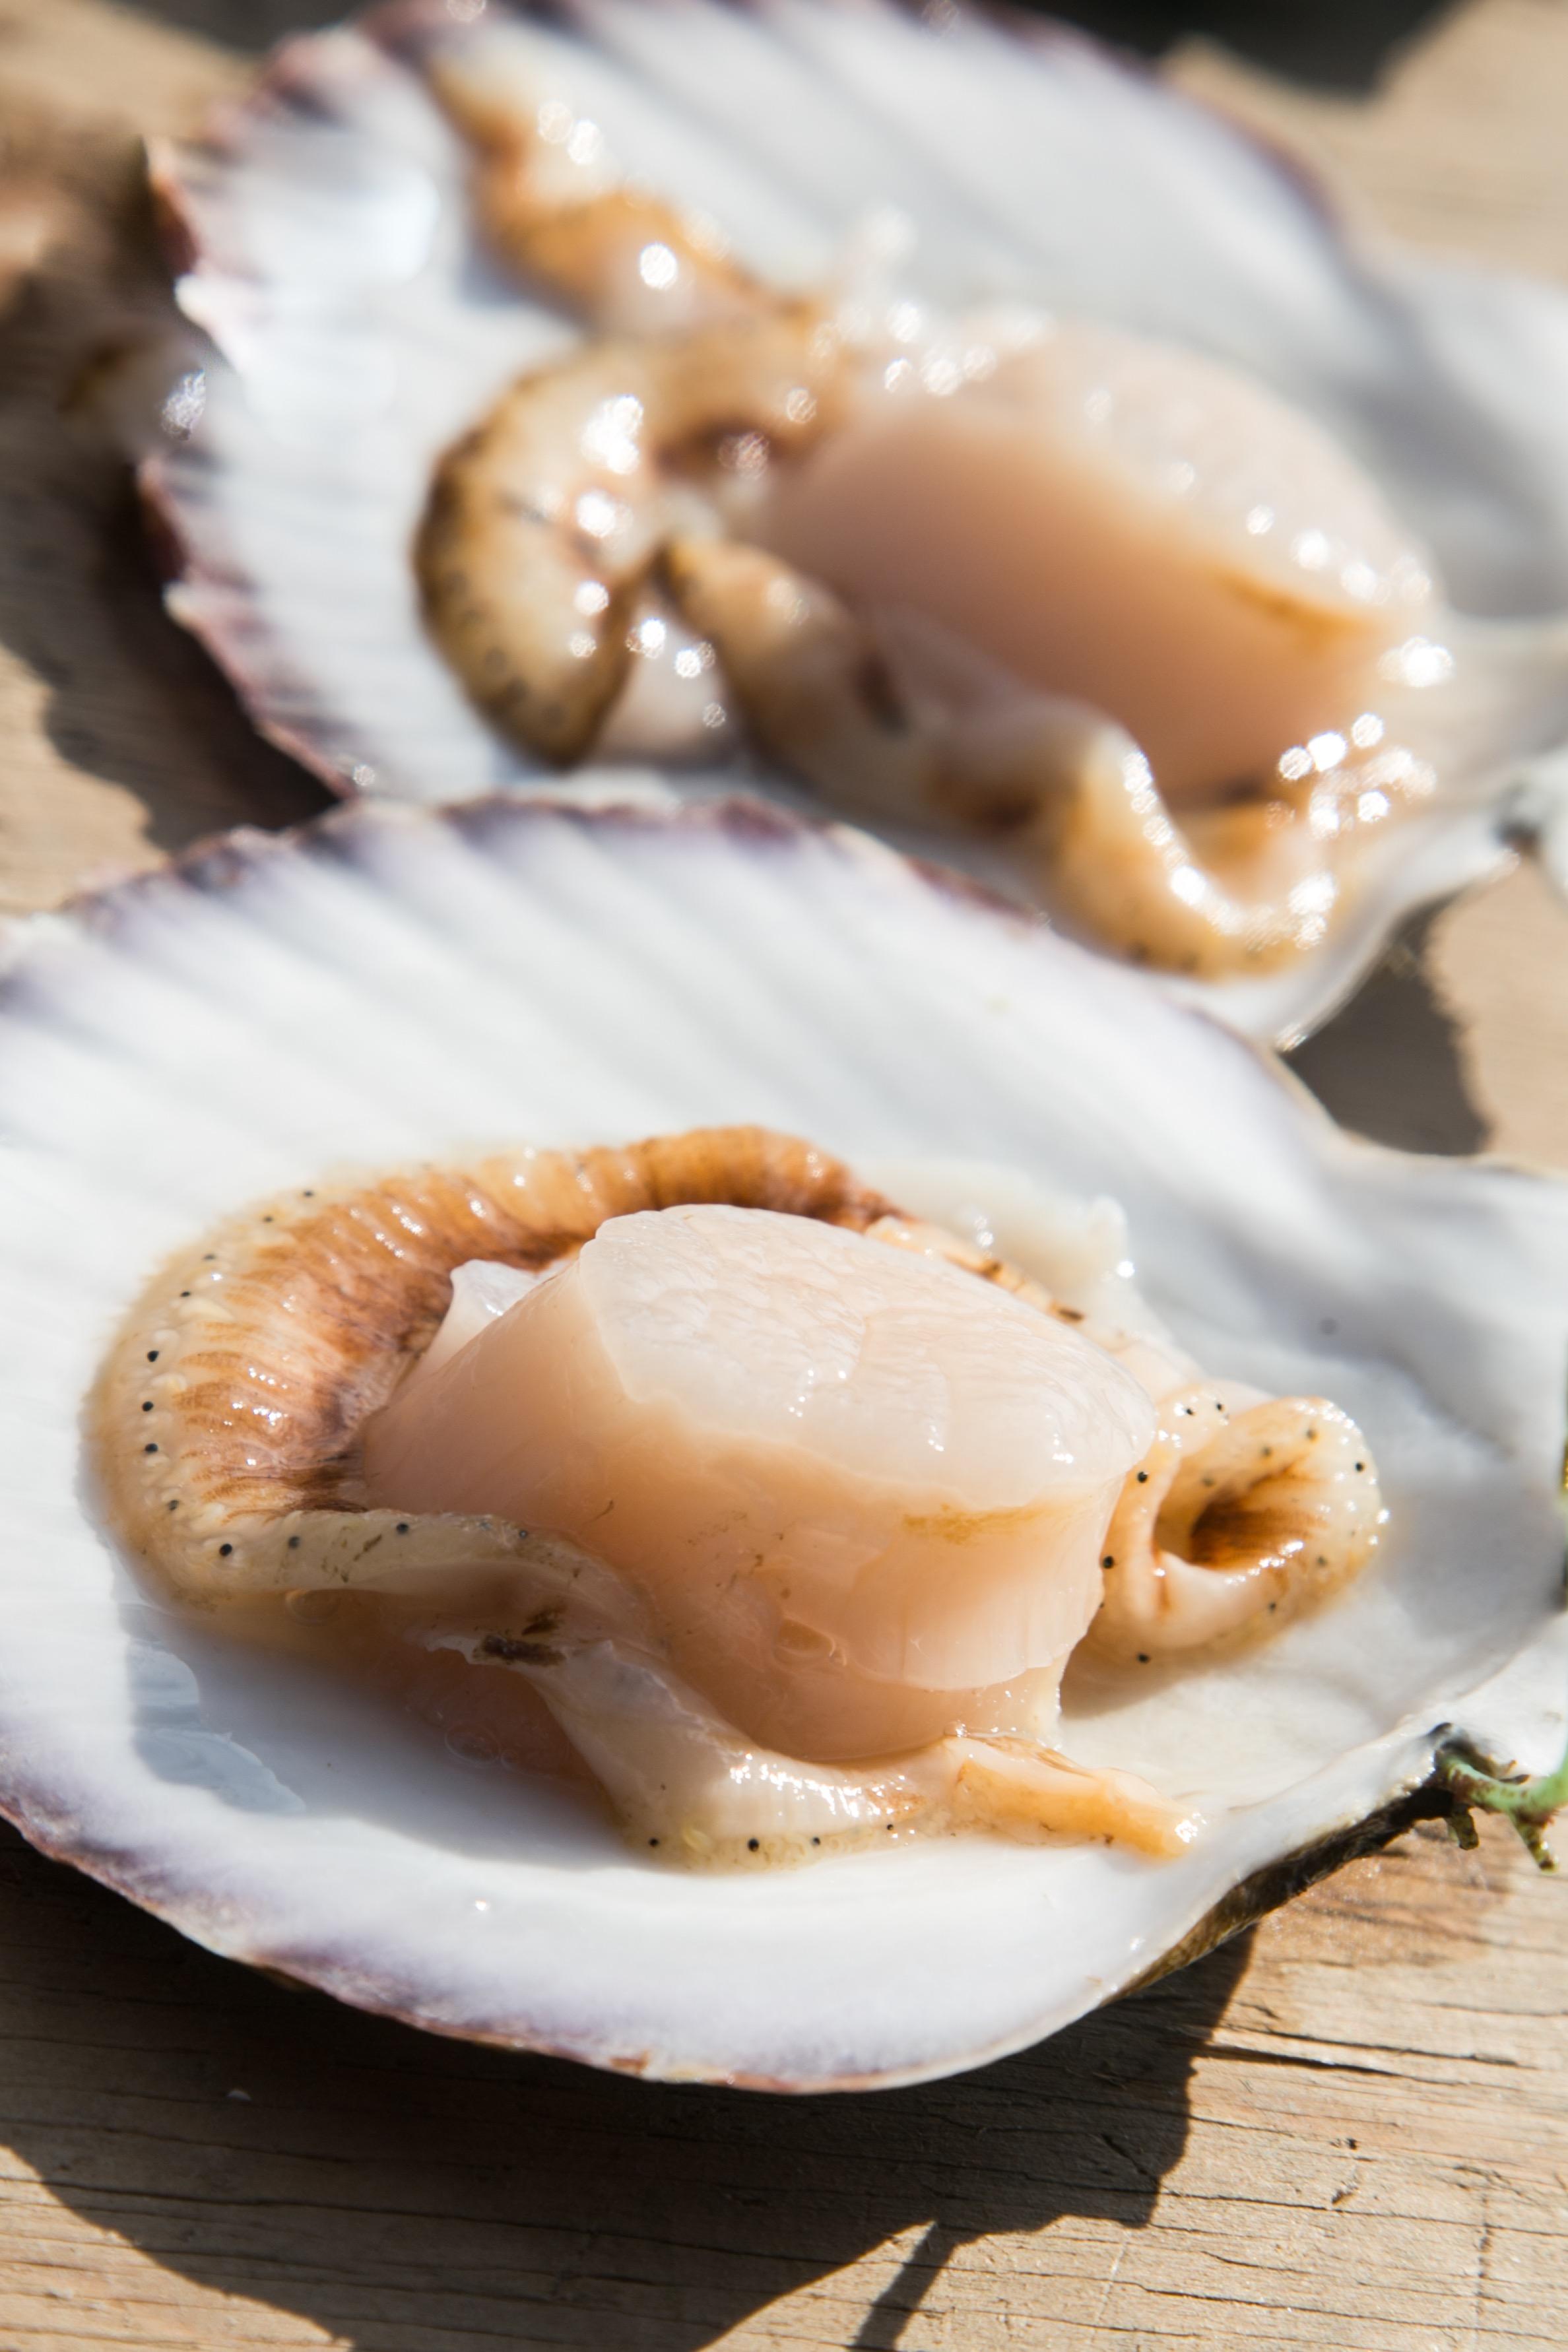 【4/25限定】「牡蠣・ホタテの養殖見学」Let's visit a oysters and scallops farm